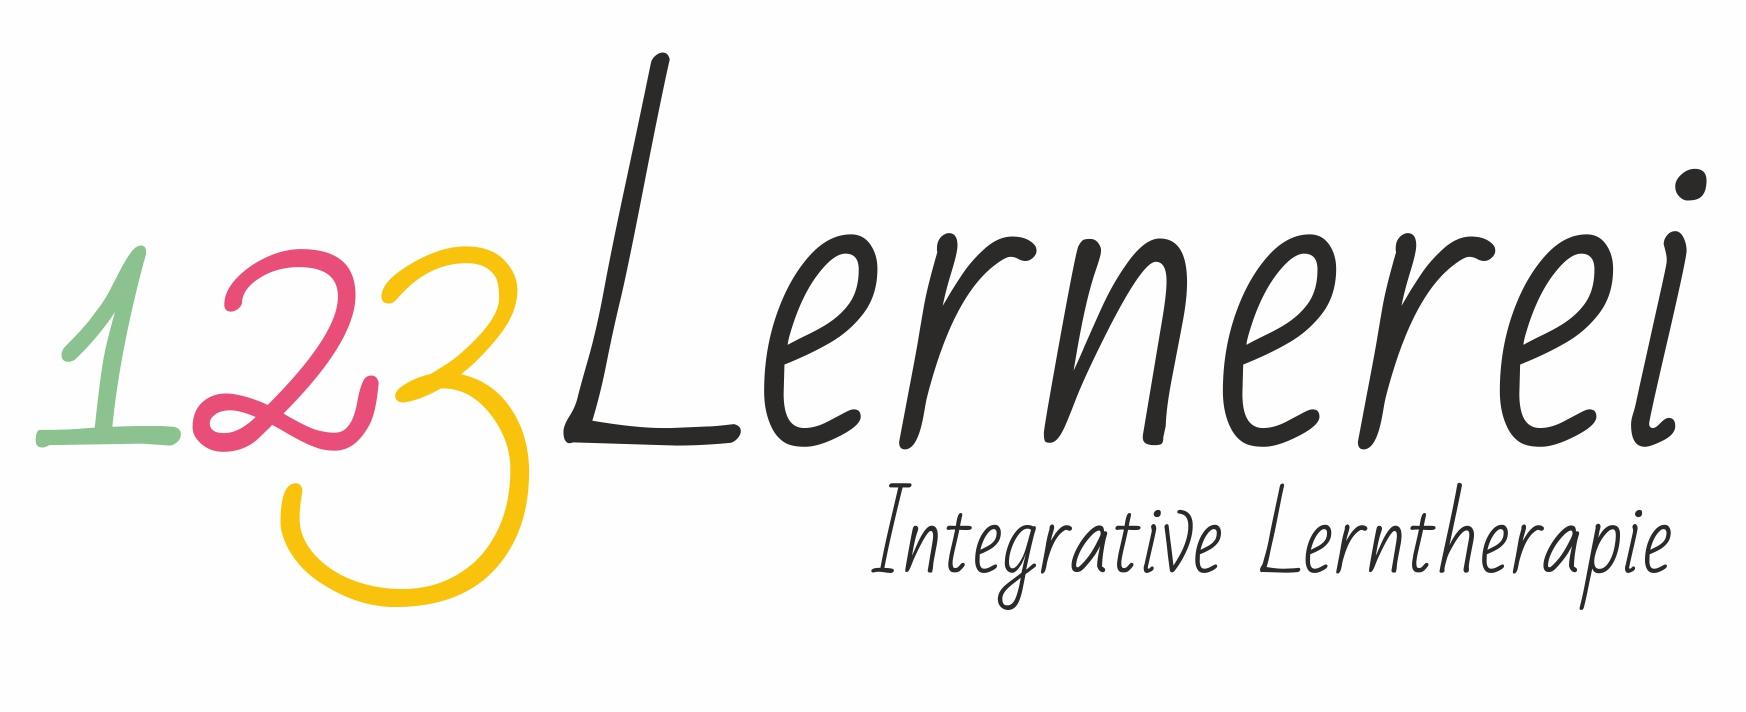 123 Lernerei - Logo für Lerntherapie - Monika Strontschek